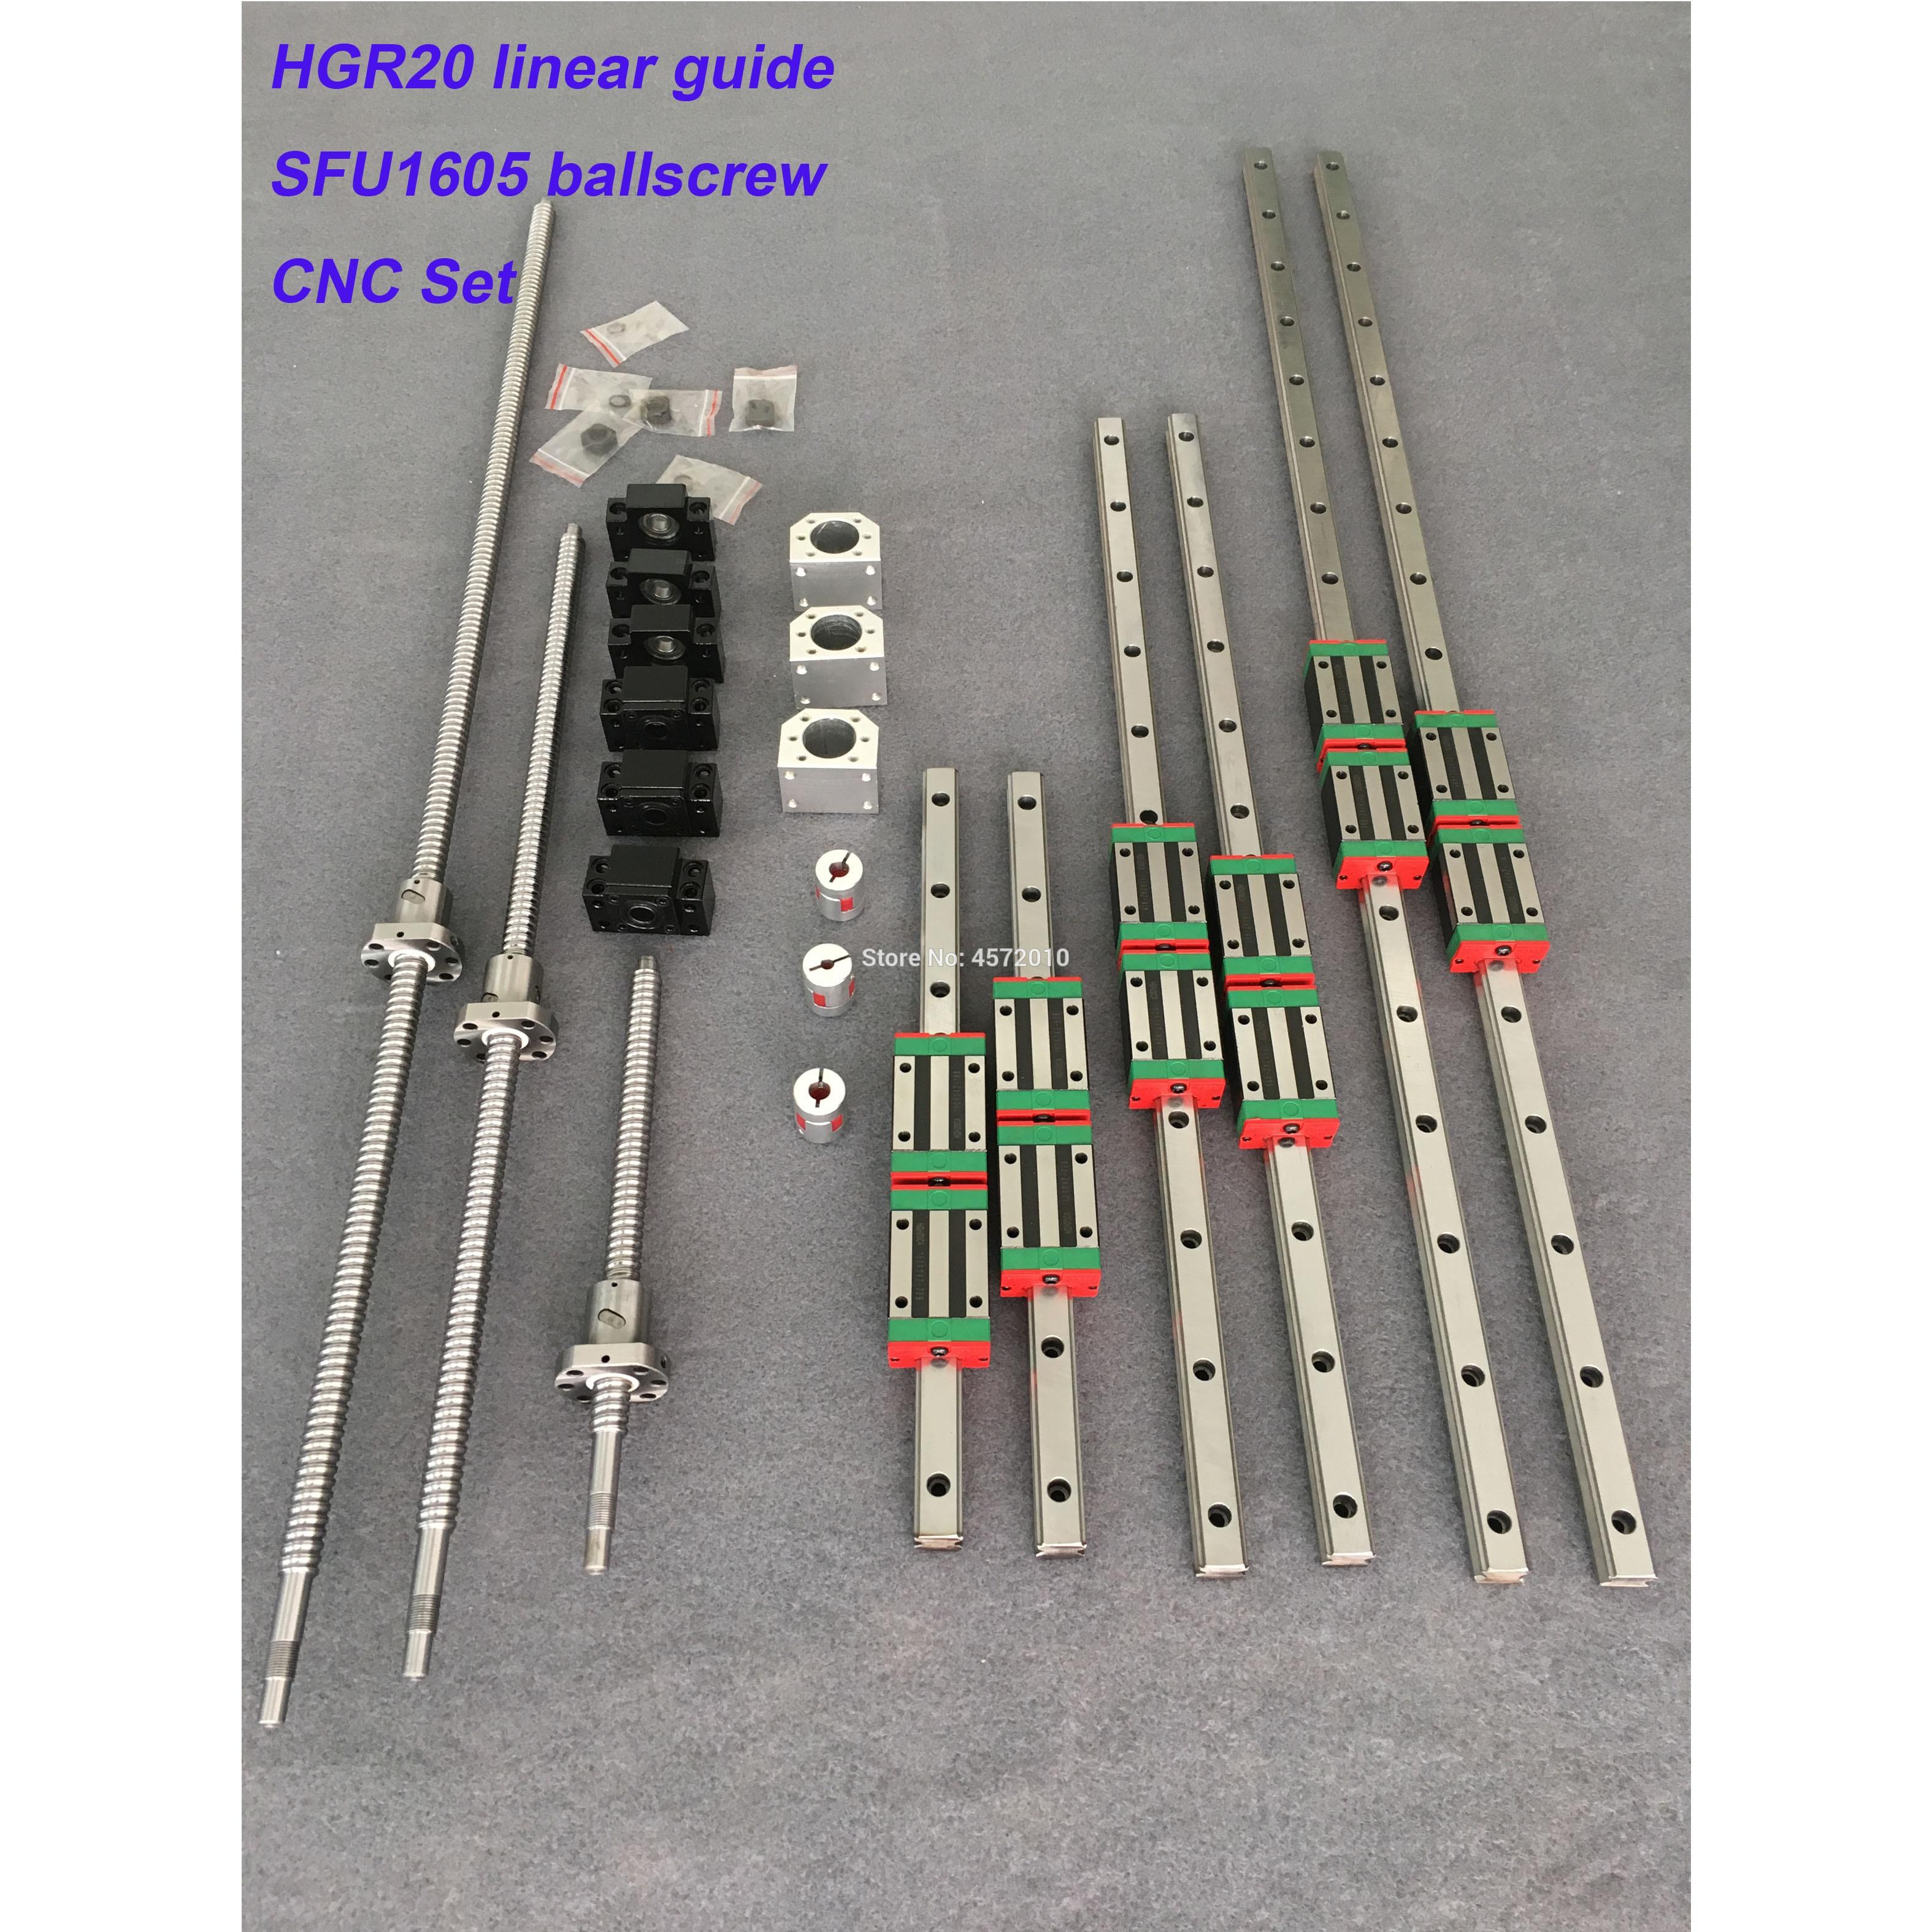 Conjunto cnc guia Linear Quadrado define 12 HGR20 pcs HGH20CA + SFU605/1610 1605 parafuso da esfera + BK BF12 habitação kit de Acoplamento para motor Spindle